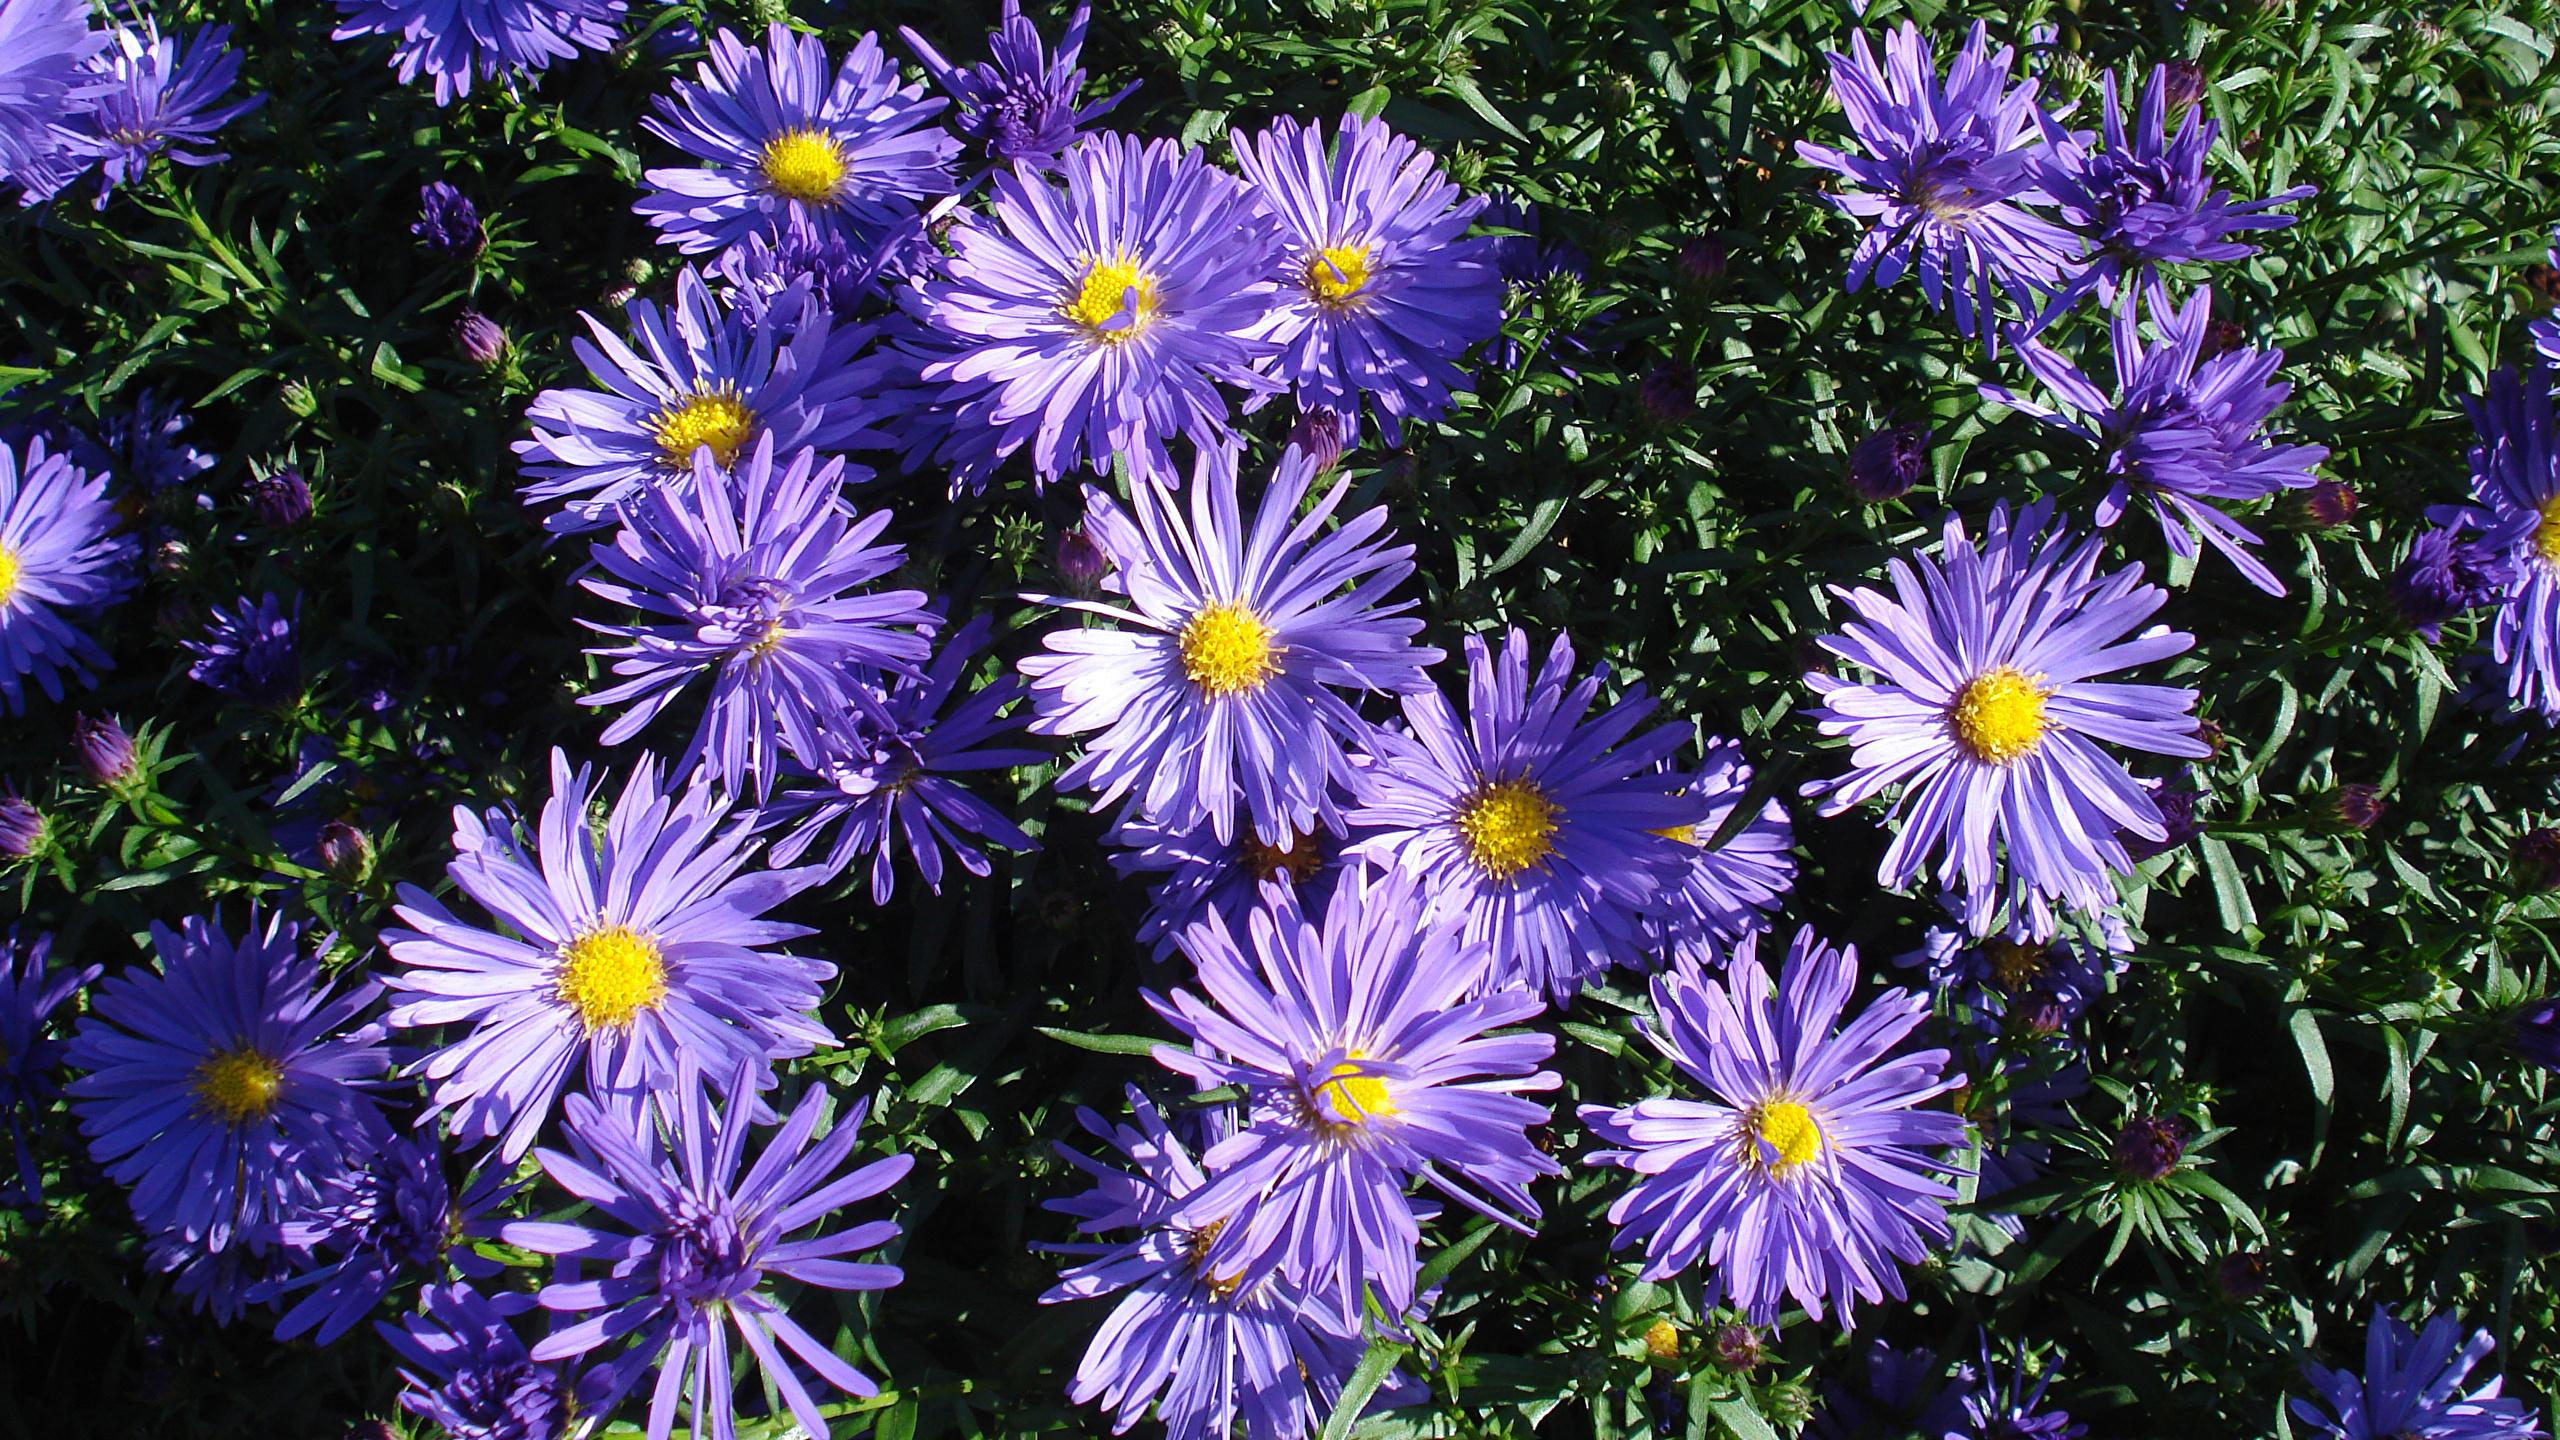 Фотографии фиолетовые Цветы Хризантемы Крупным планом 2560x1440 фиолетовая Фиолетовый фиолетовых цветок вблизи